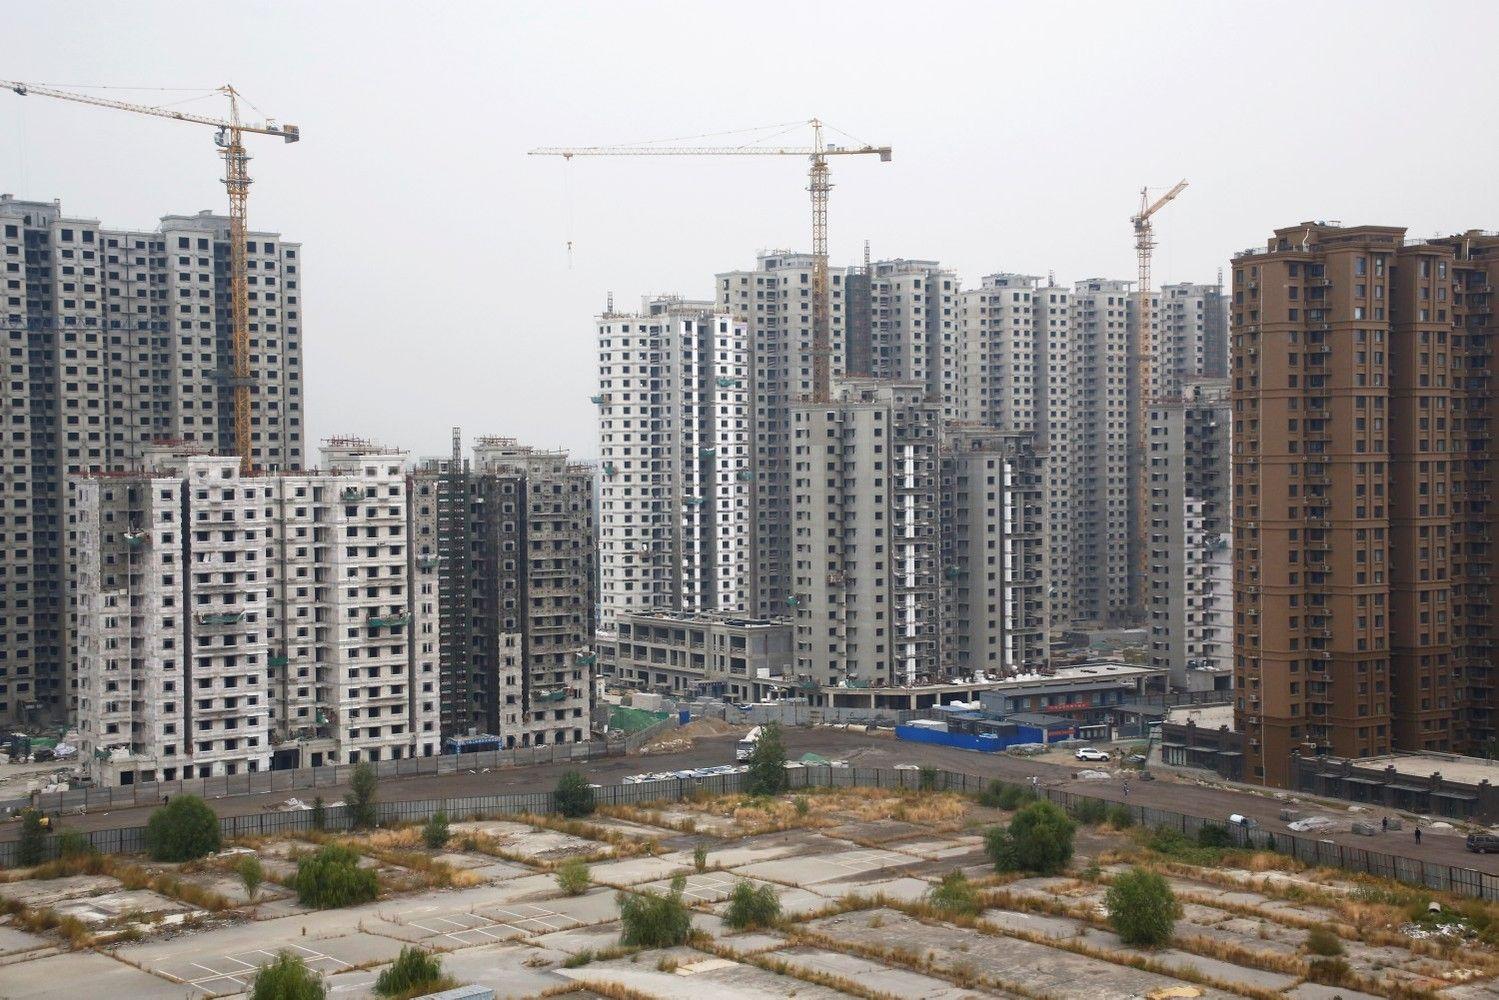 Kinijos valdžios galvos skausmas: kas penktas butas šalyje – tuščias